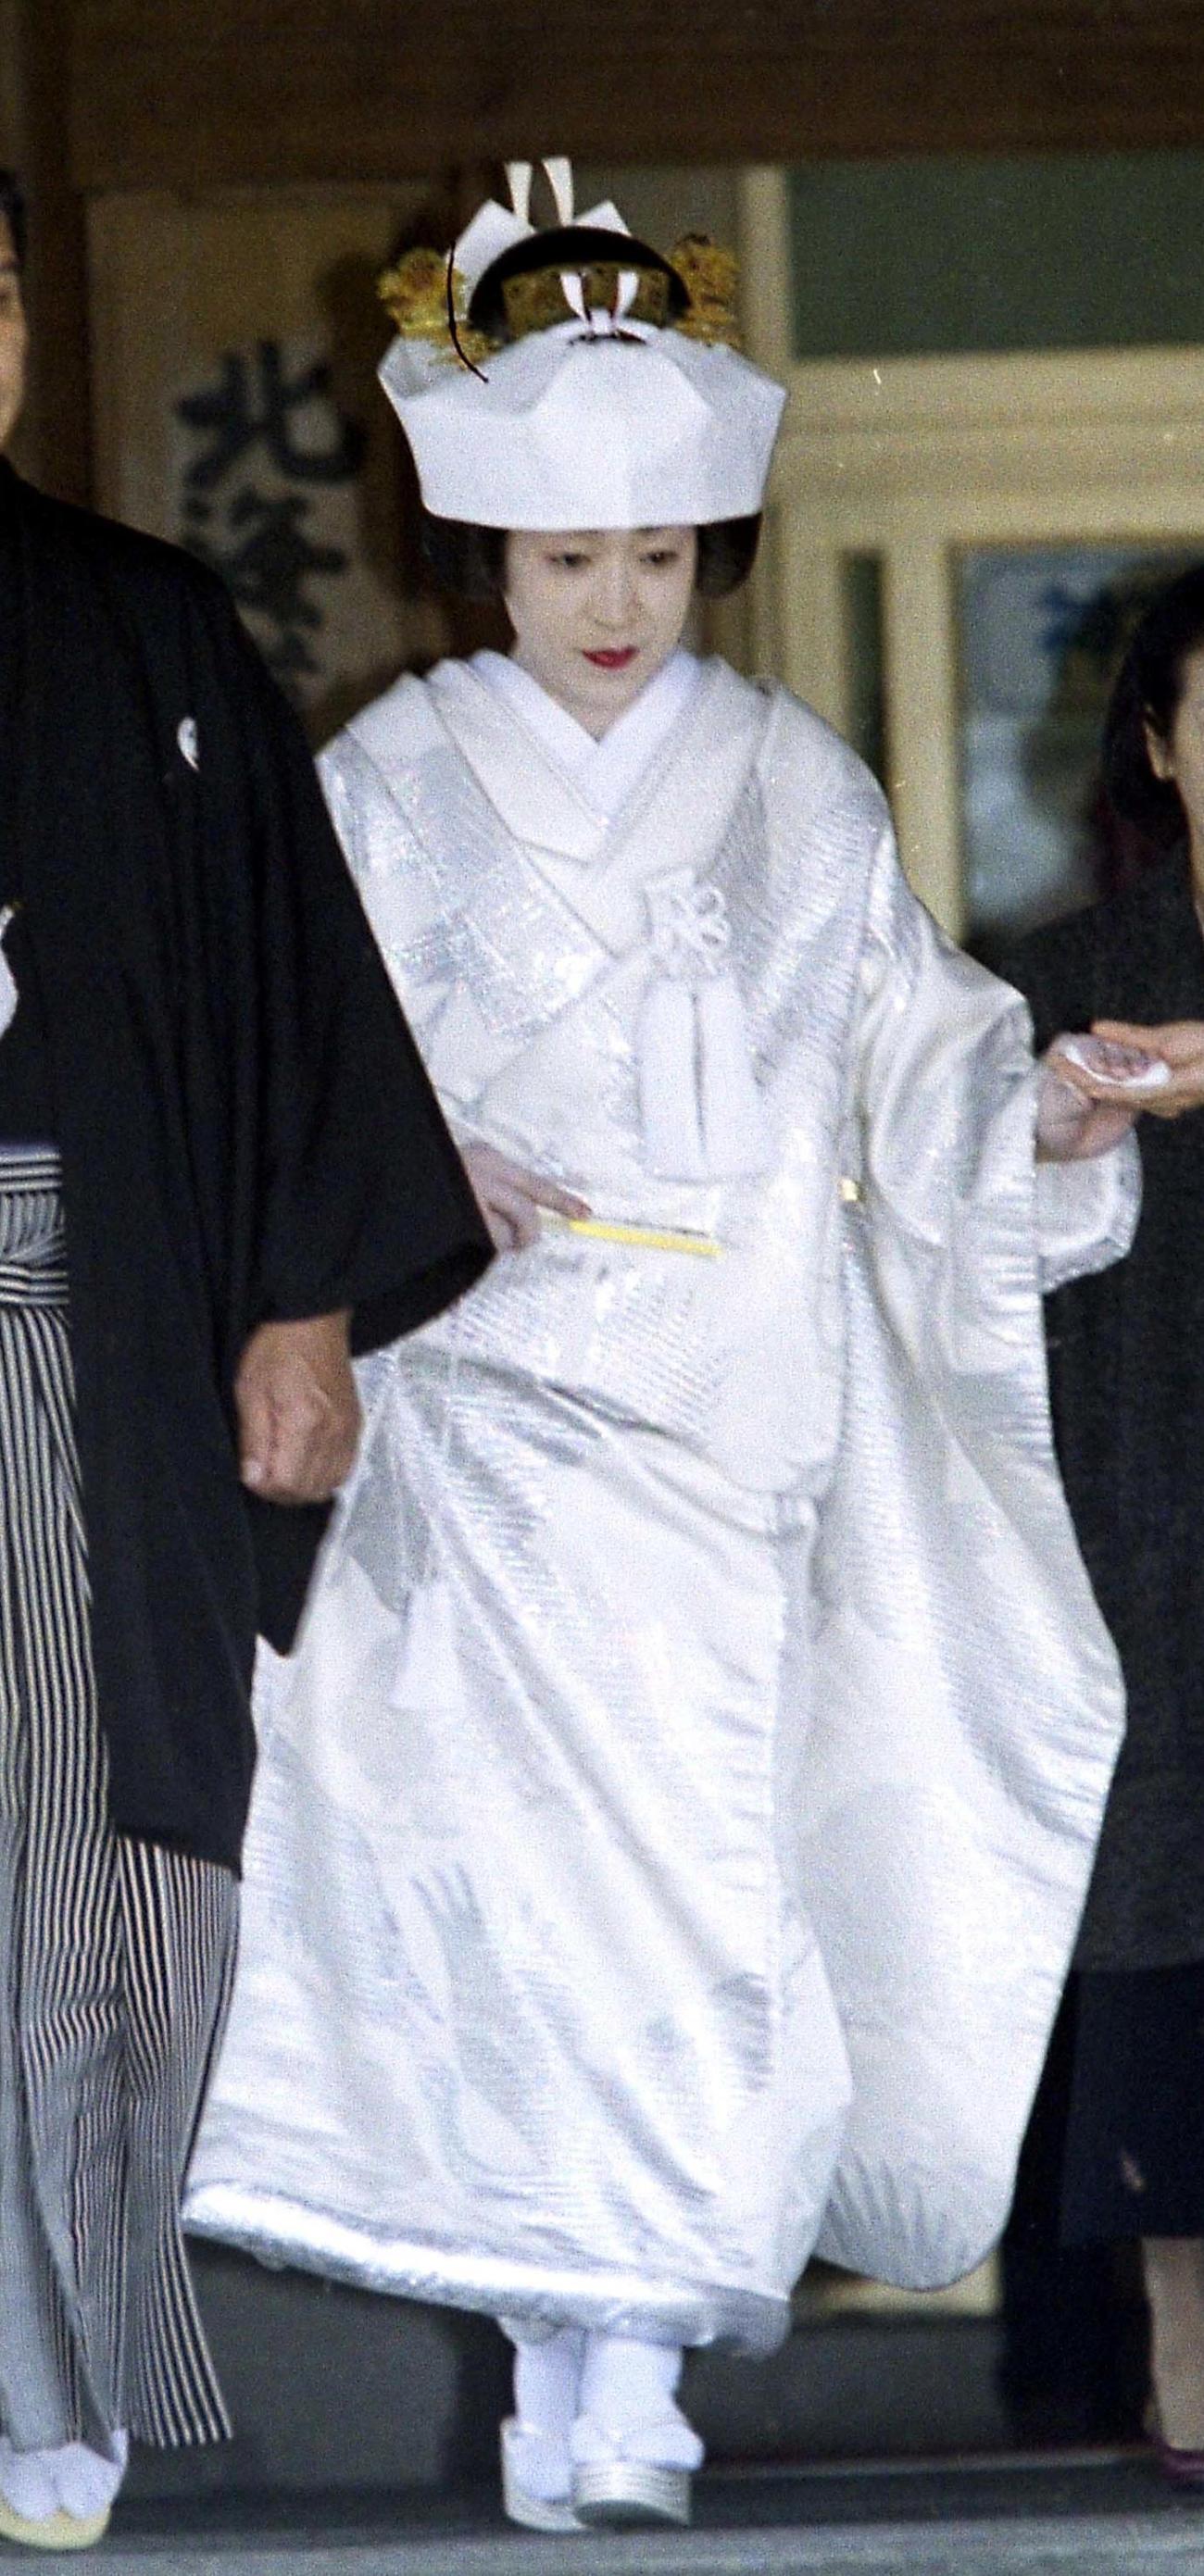 札幌・北海道神宮で結婚式を行った橋本聖子議員は白無垢で登場(1998年12月19日)